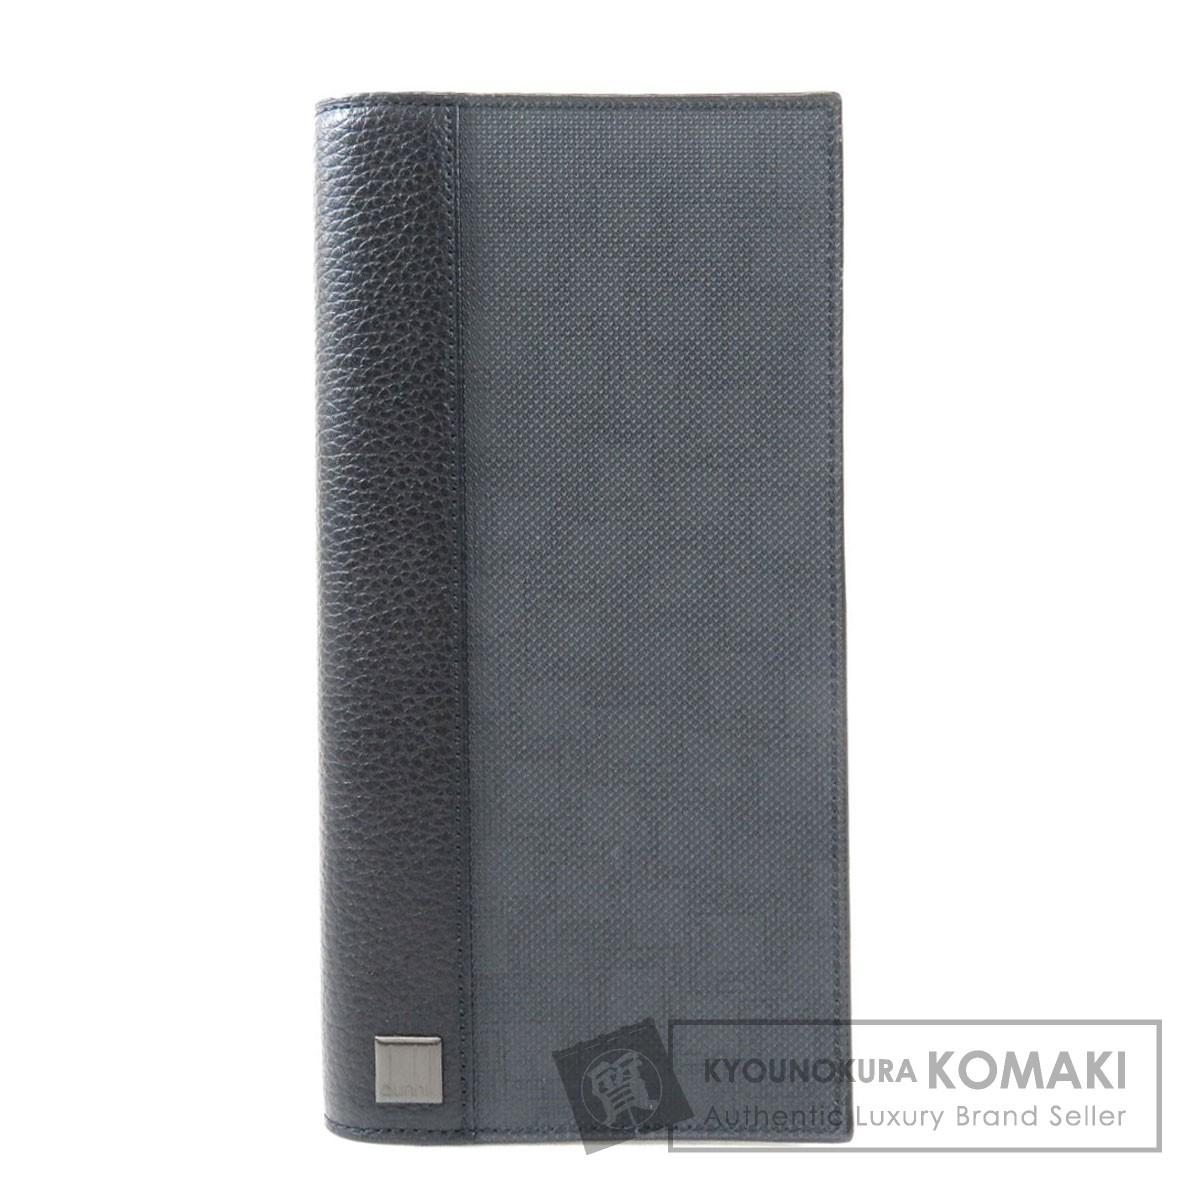 ダンヒル L2LH10Z D-EIGHT 長財布(小銭入れあり) PVC/レザー メンズ 【中古】【Dunhill】